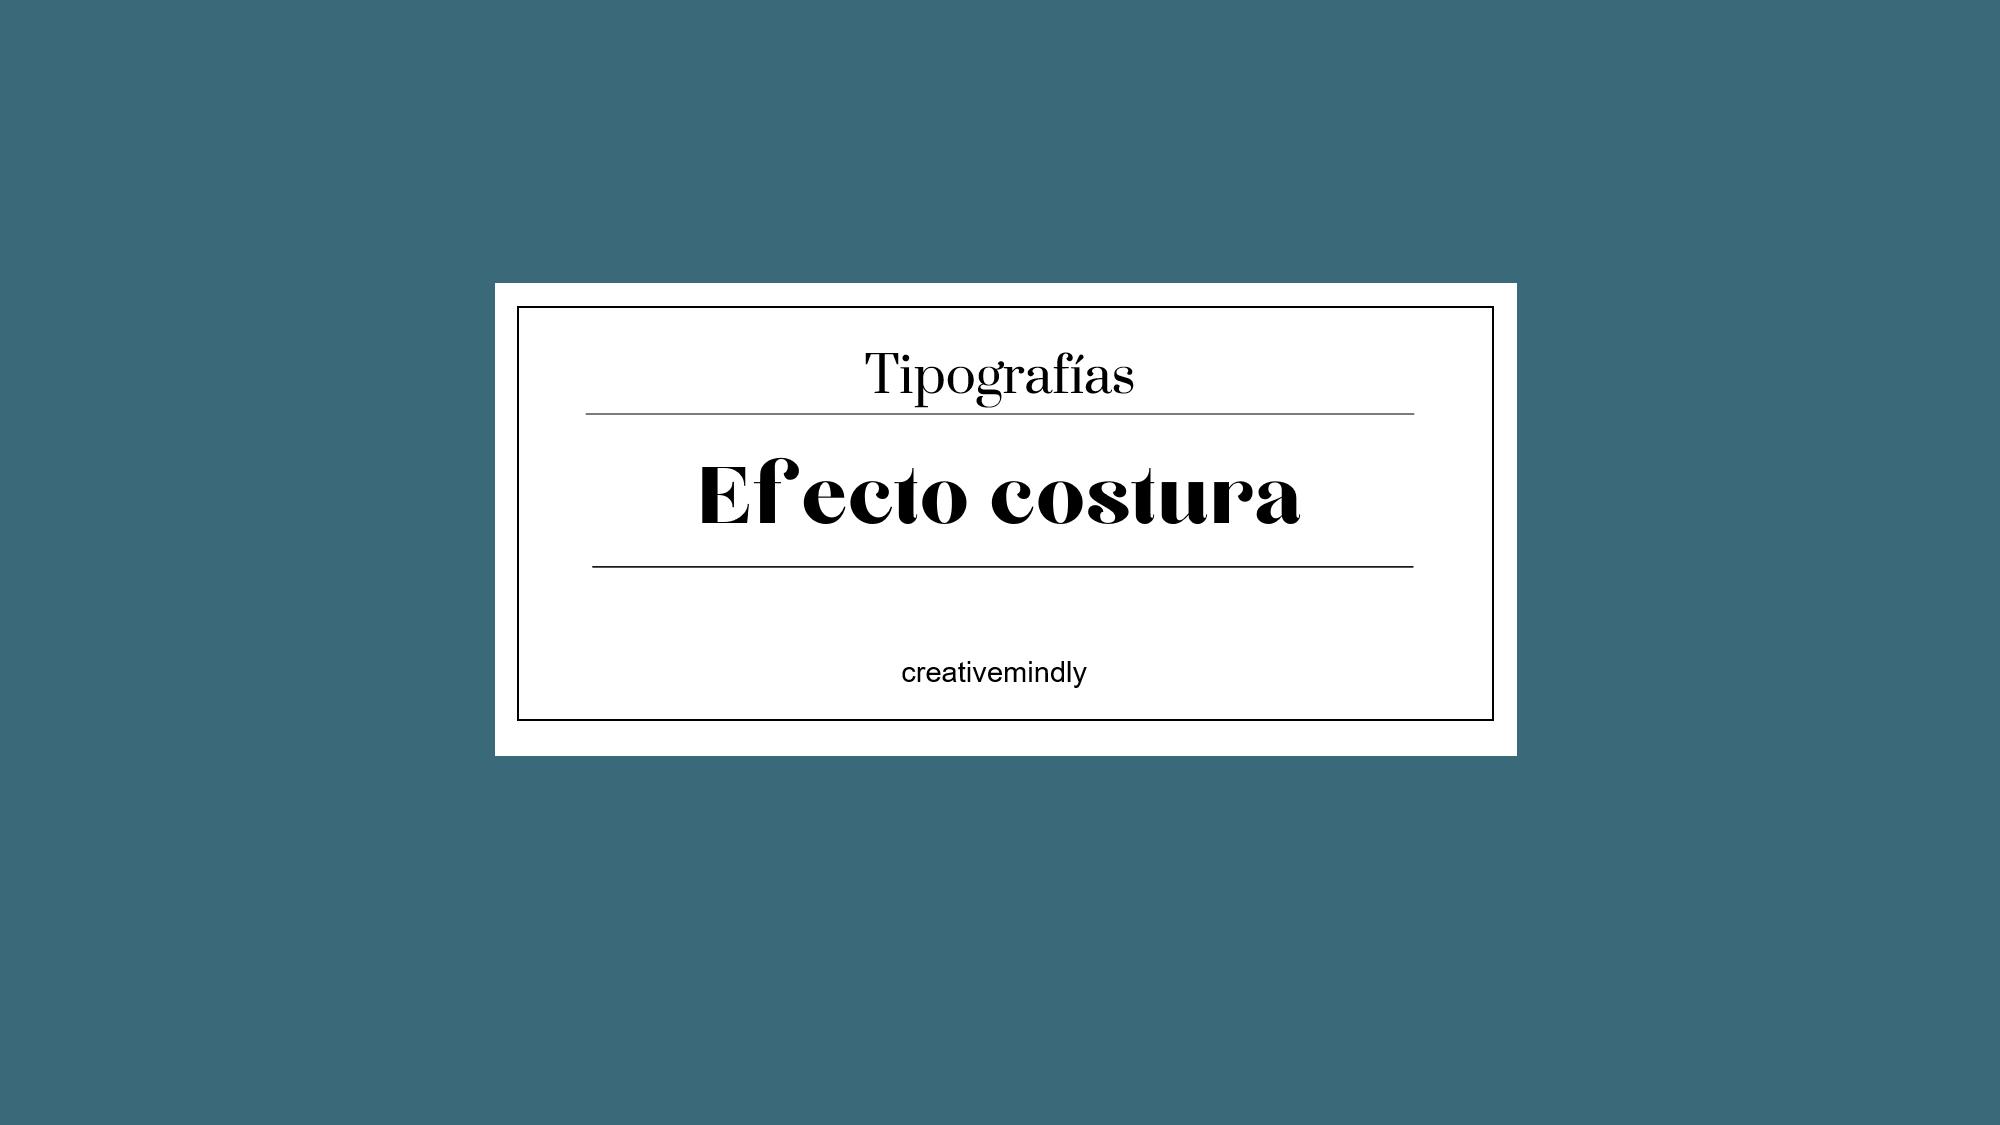 tipografías efecto costura